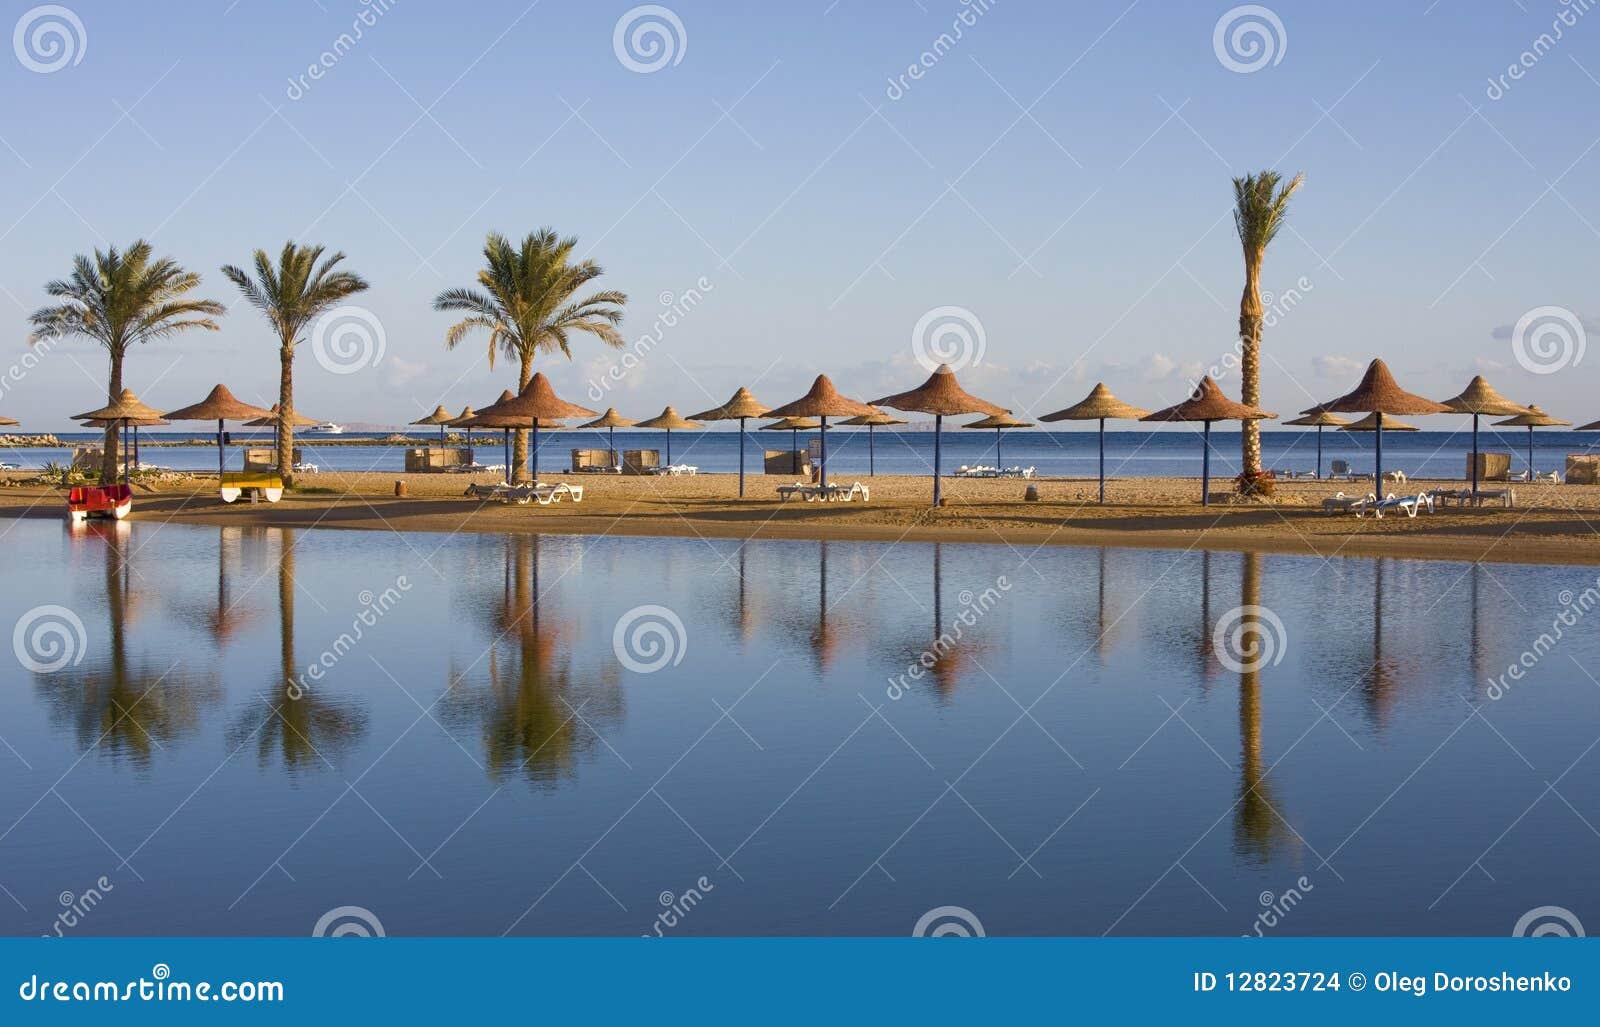 Ερυθρά Θάλασσα hurghada της Αιγ